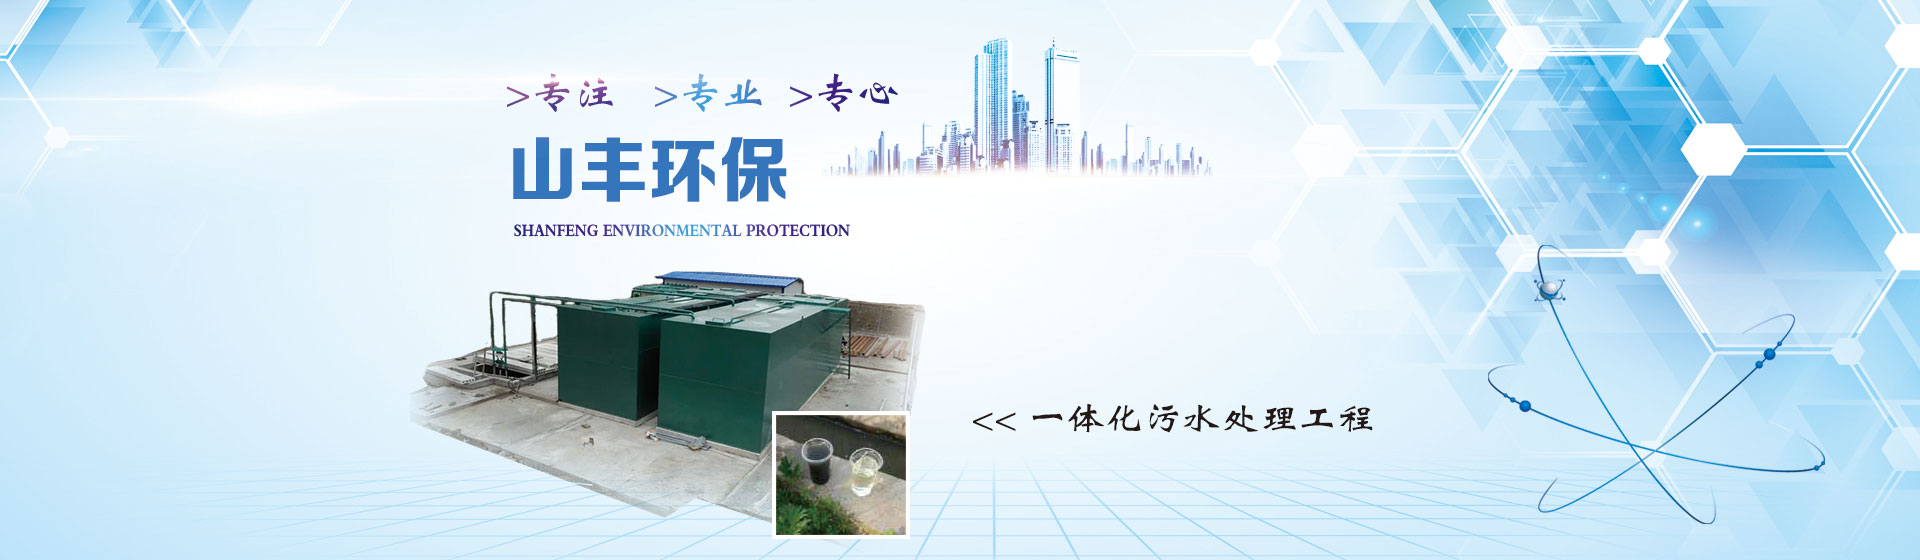 污水處理設備